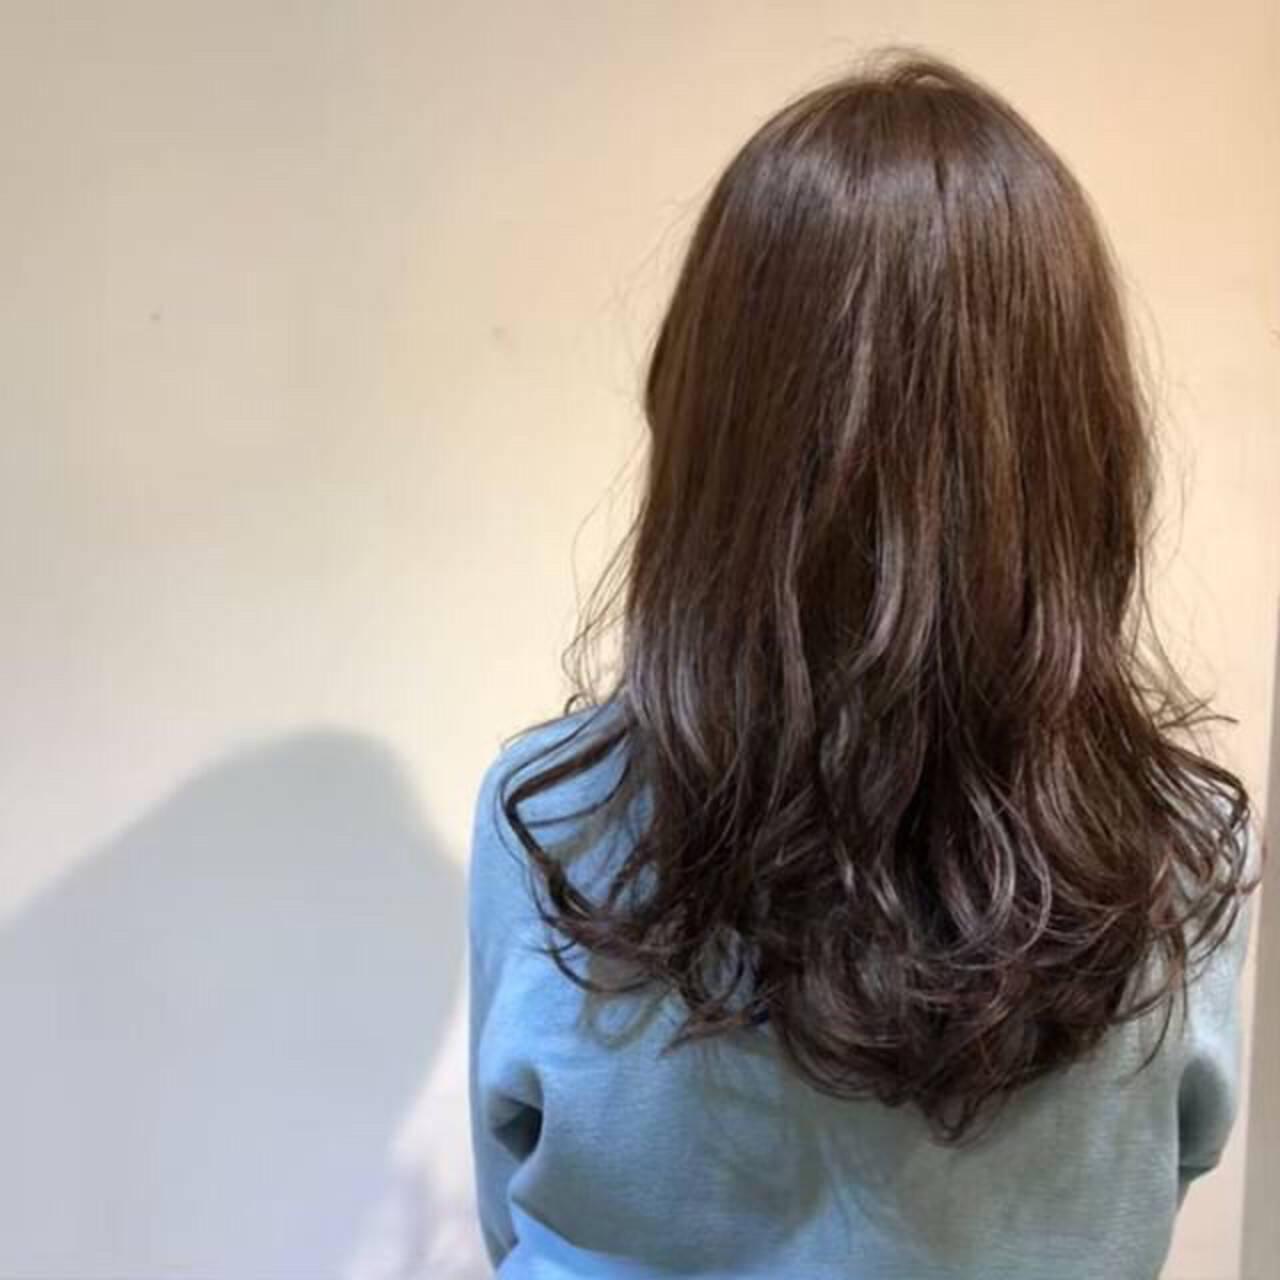 ナチュラル ロング 暗髪 ブルーアッシュヘアスタイルや髪型の写真・画像